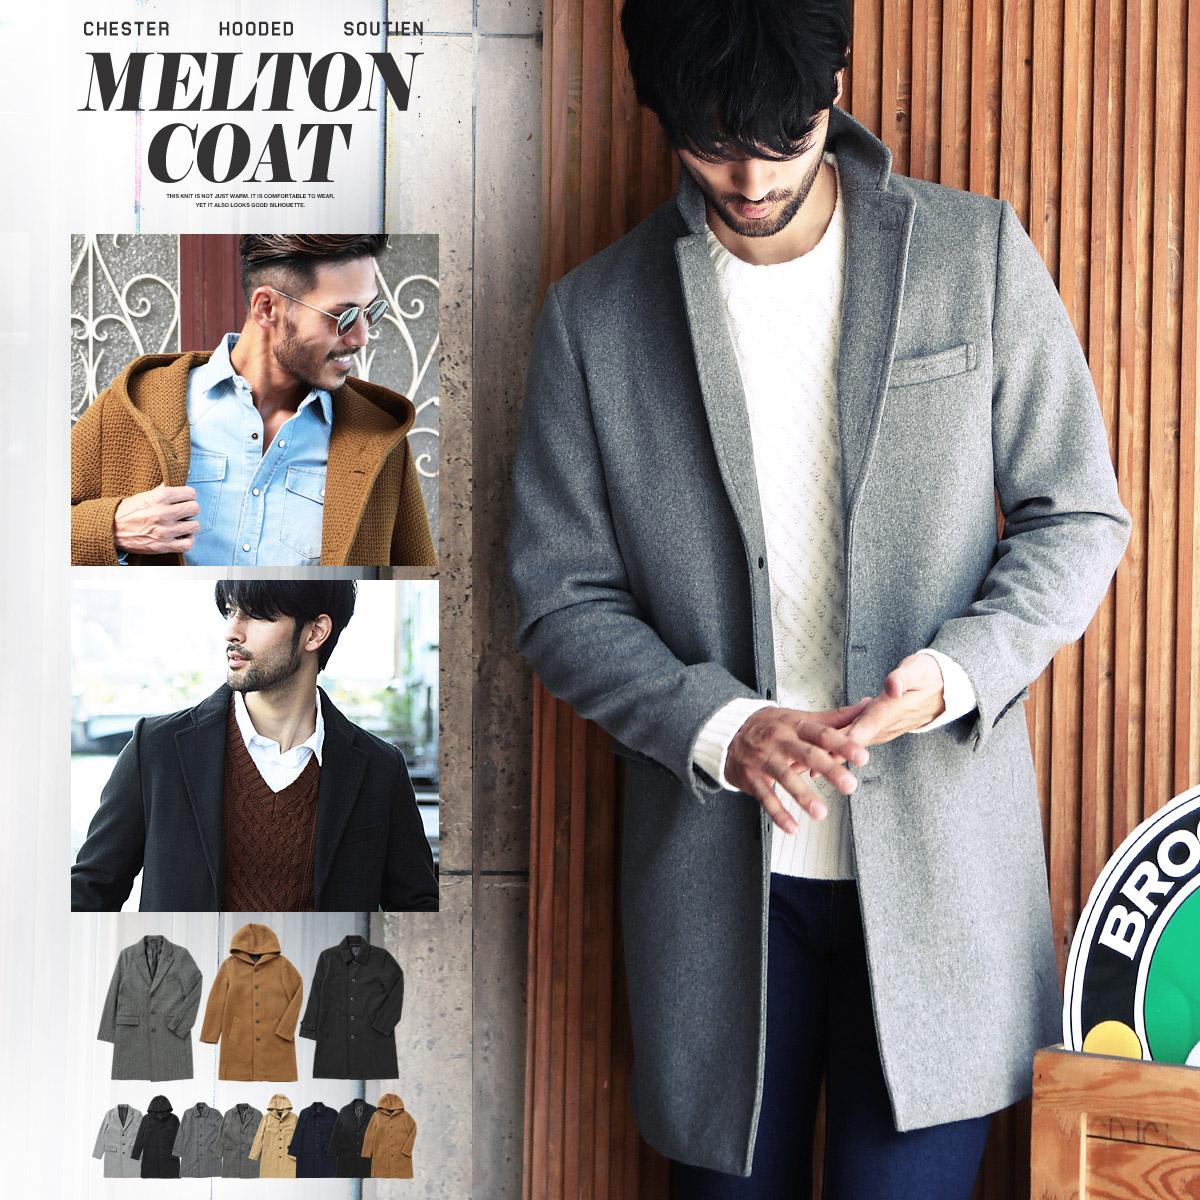 【メンズ】50代が着こなしやすい!ゆったりサイズ&おしゃれなチェスターコートはどれ?